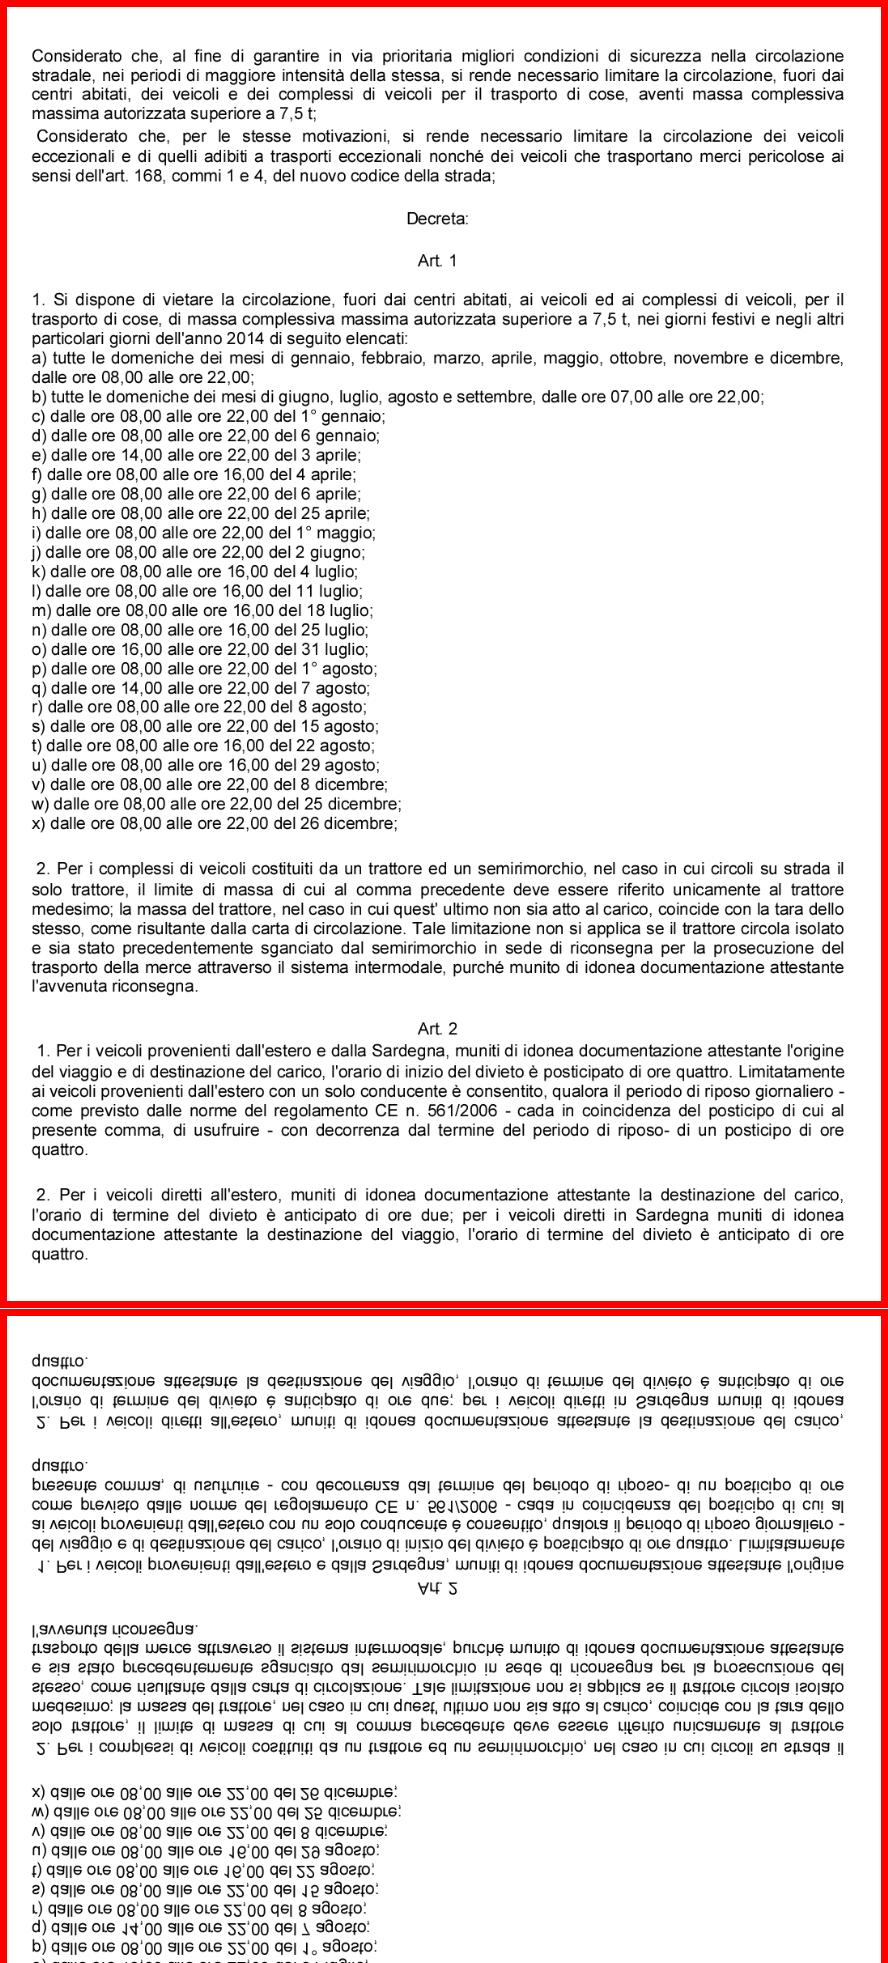 Calendario Anno 2015.Calendario Divieti Di Circolazione Anno 2015 Studio